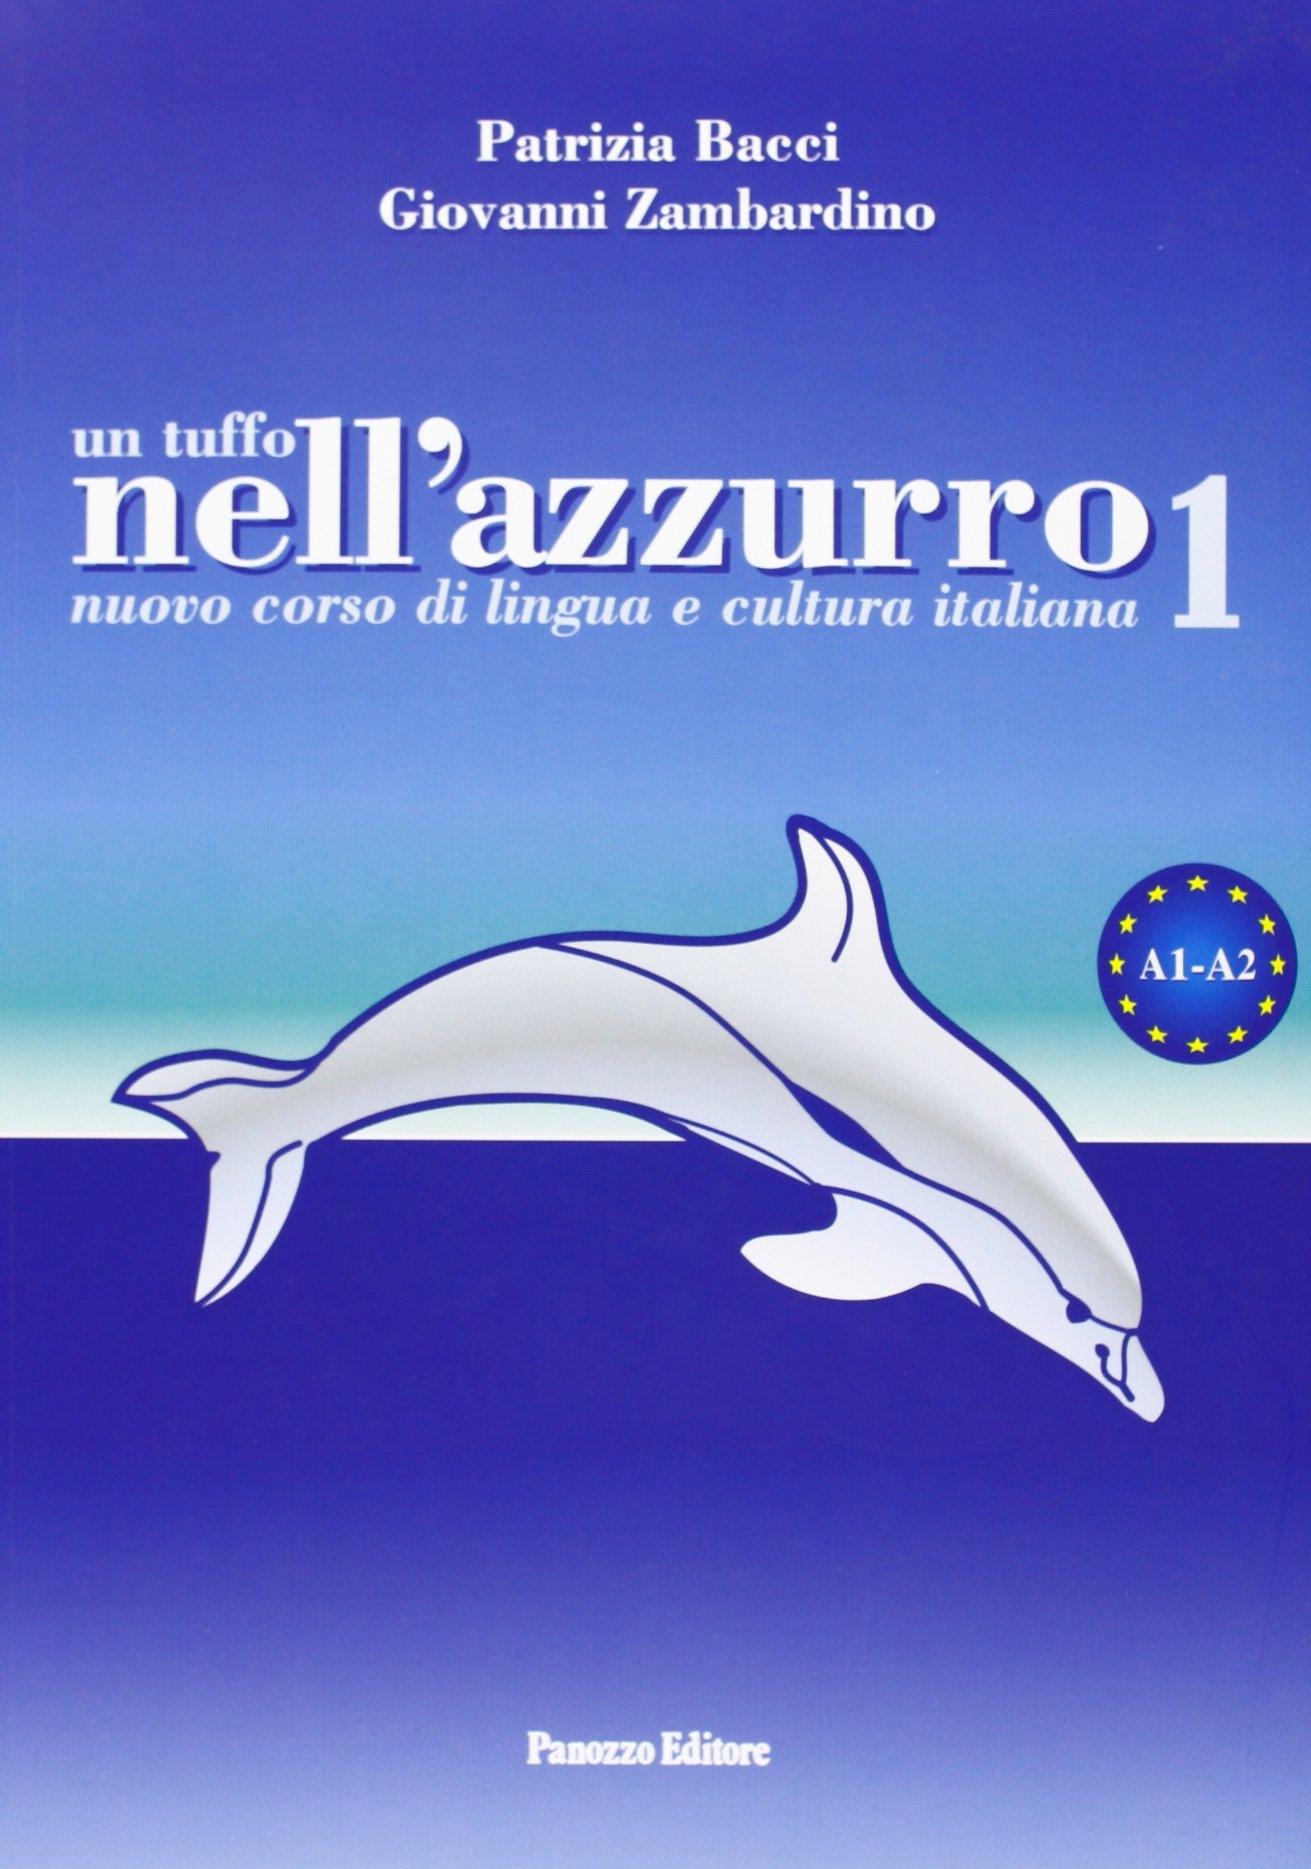 Un Tuffo nell'Azzurro. Nuovo Corso di Lingua e Cultura Italiana. con CD Audio. Vol. 1